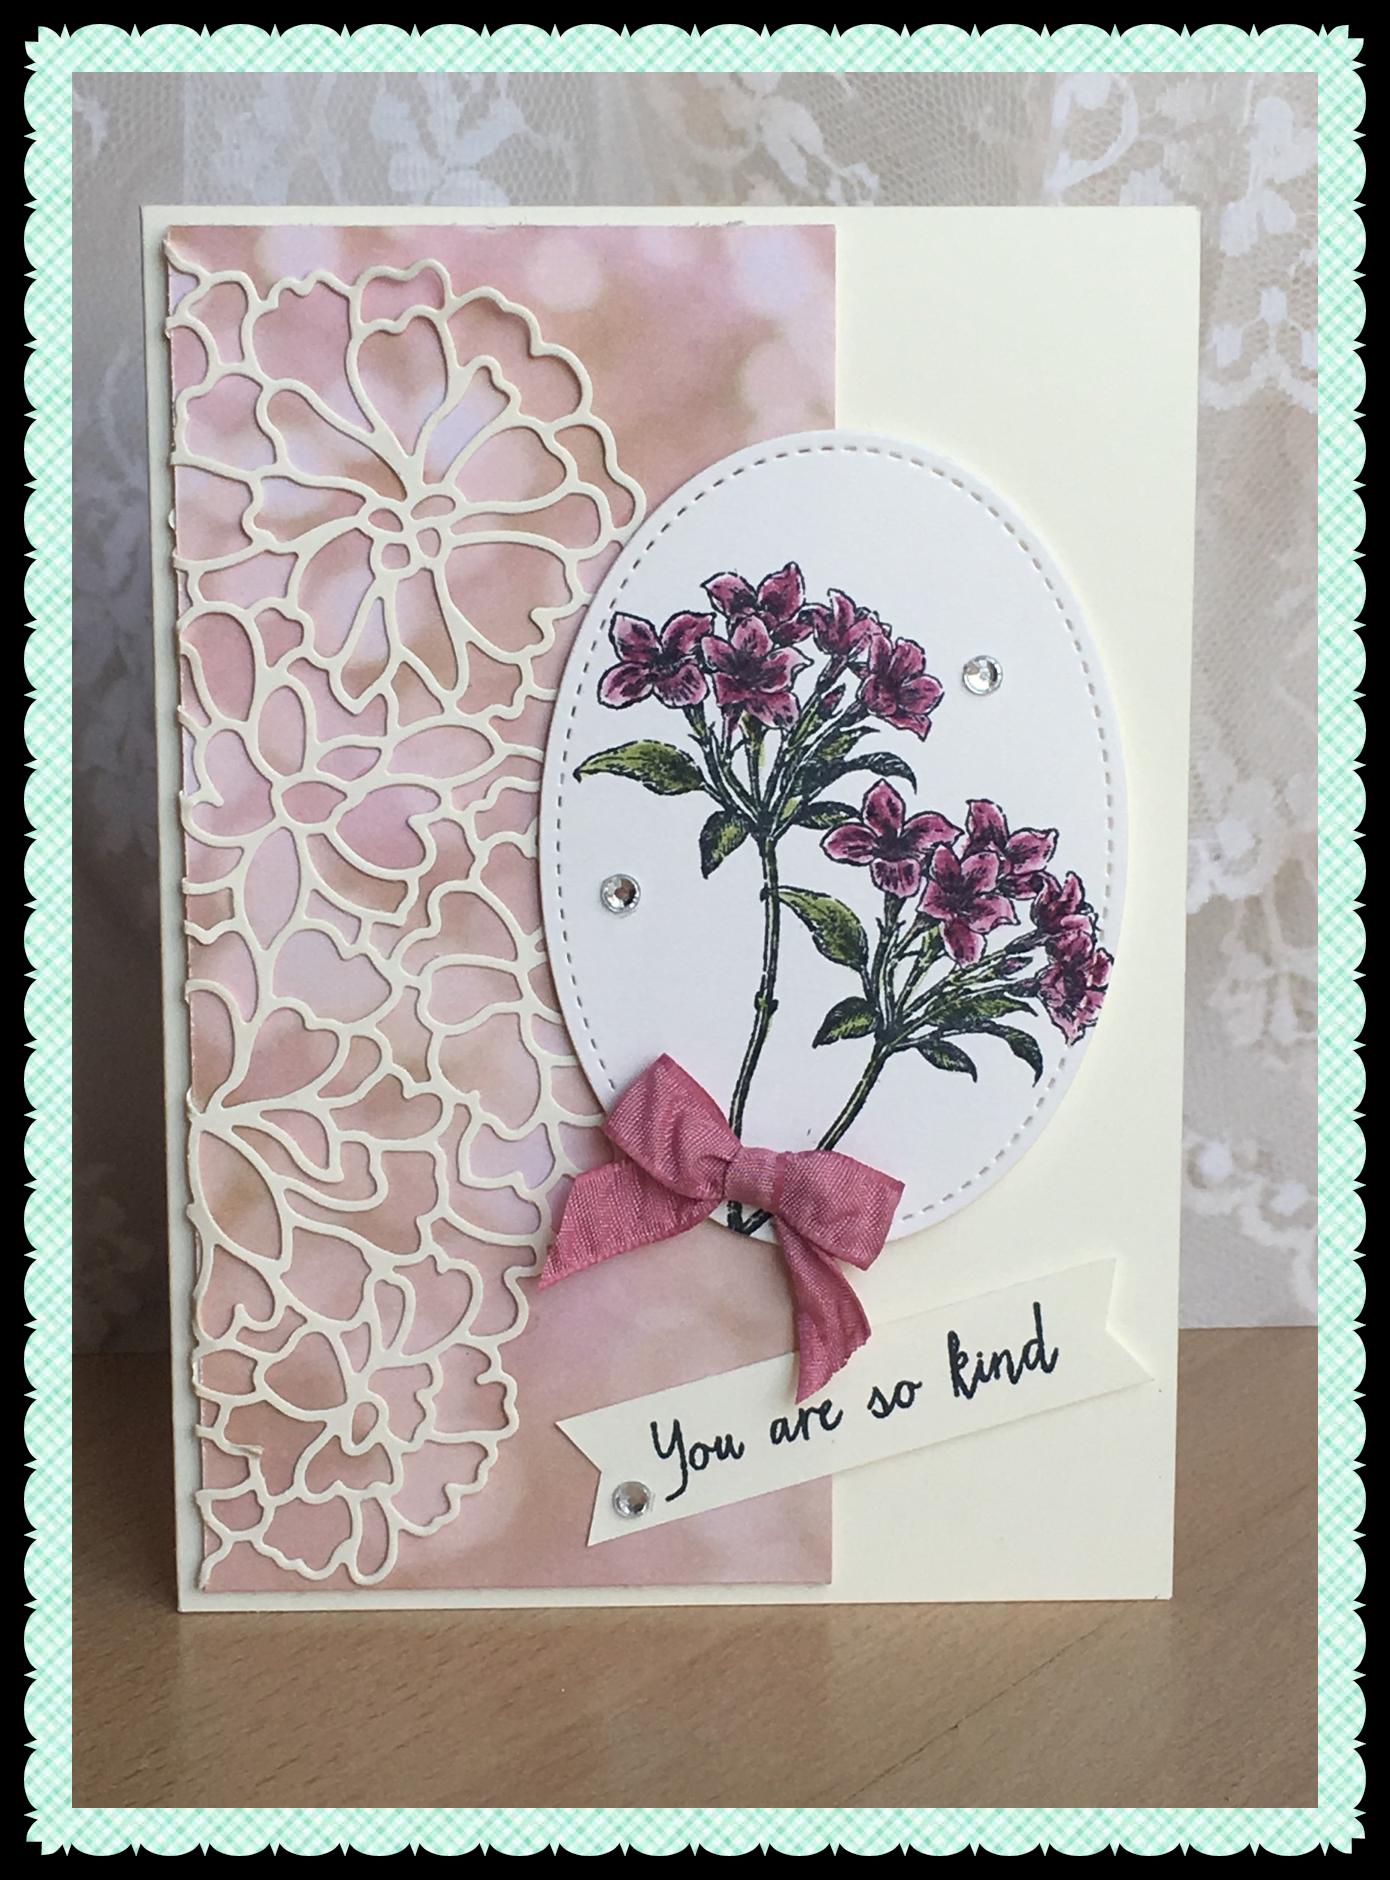 Stampin Up Sale A Bration Stempelpotpourri Bastelblogs De Karten Basteln Karten Handgemacht Geburtstagskarte